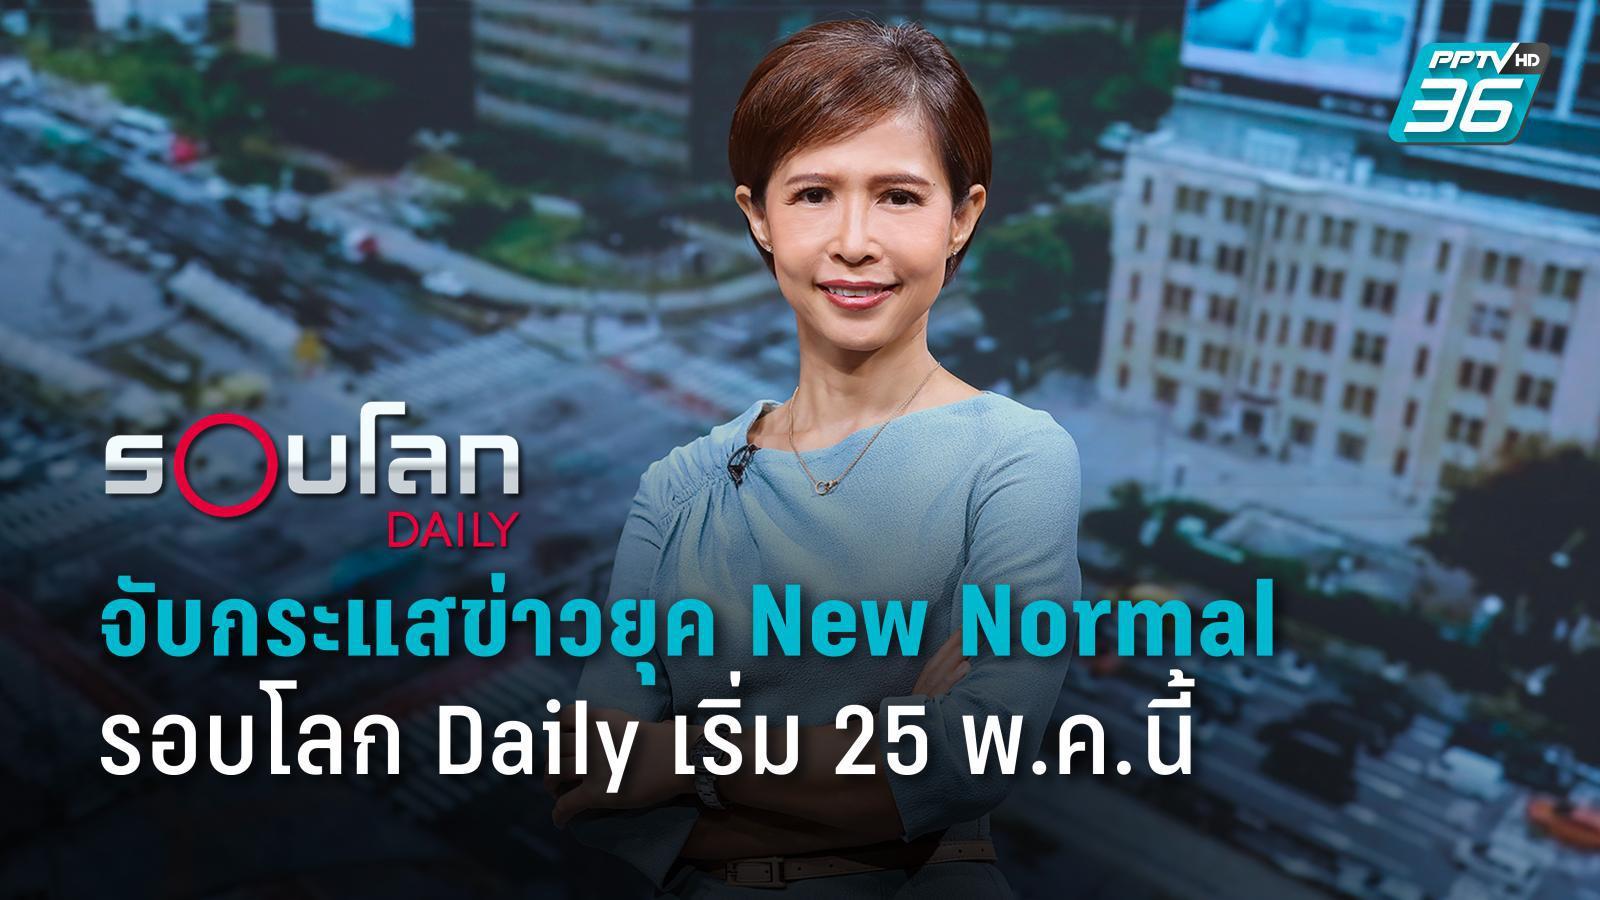 """ปรับแนวต้าน! พีพีทีวี ดึง """"กรุณา บัวคำศรี"""" เสียบไพร์มไทม์จันทร์ถึงพฤหัส ฯ จับกระแสข่าวยุค New Normal ใน """"รอบโลก Daily"""" เริ่ม 25 พ.ค. นี้"""